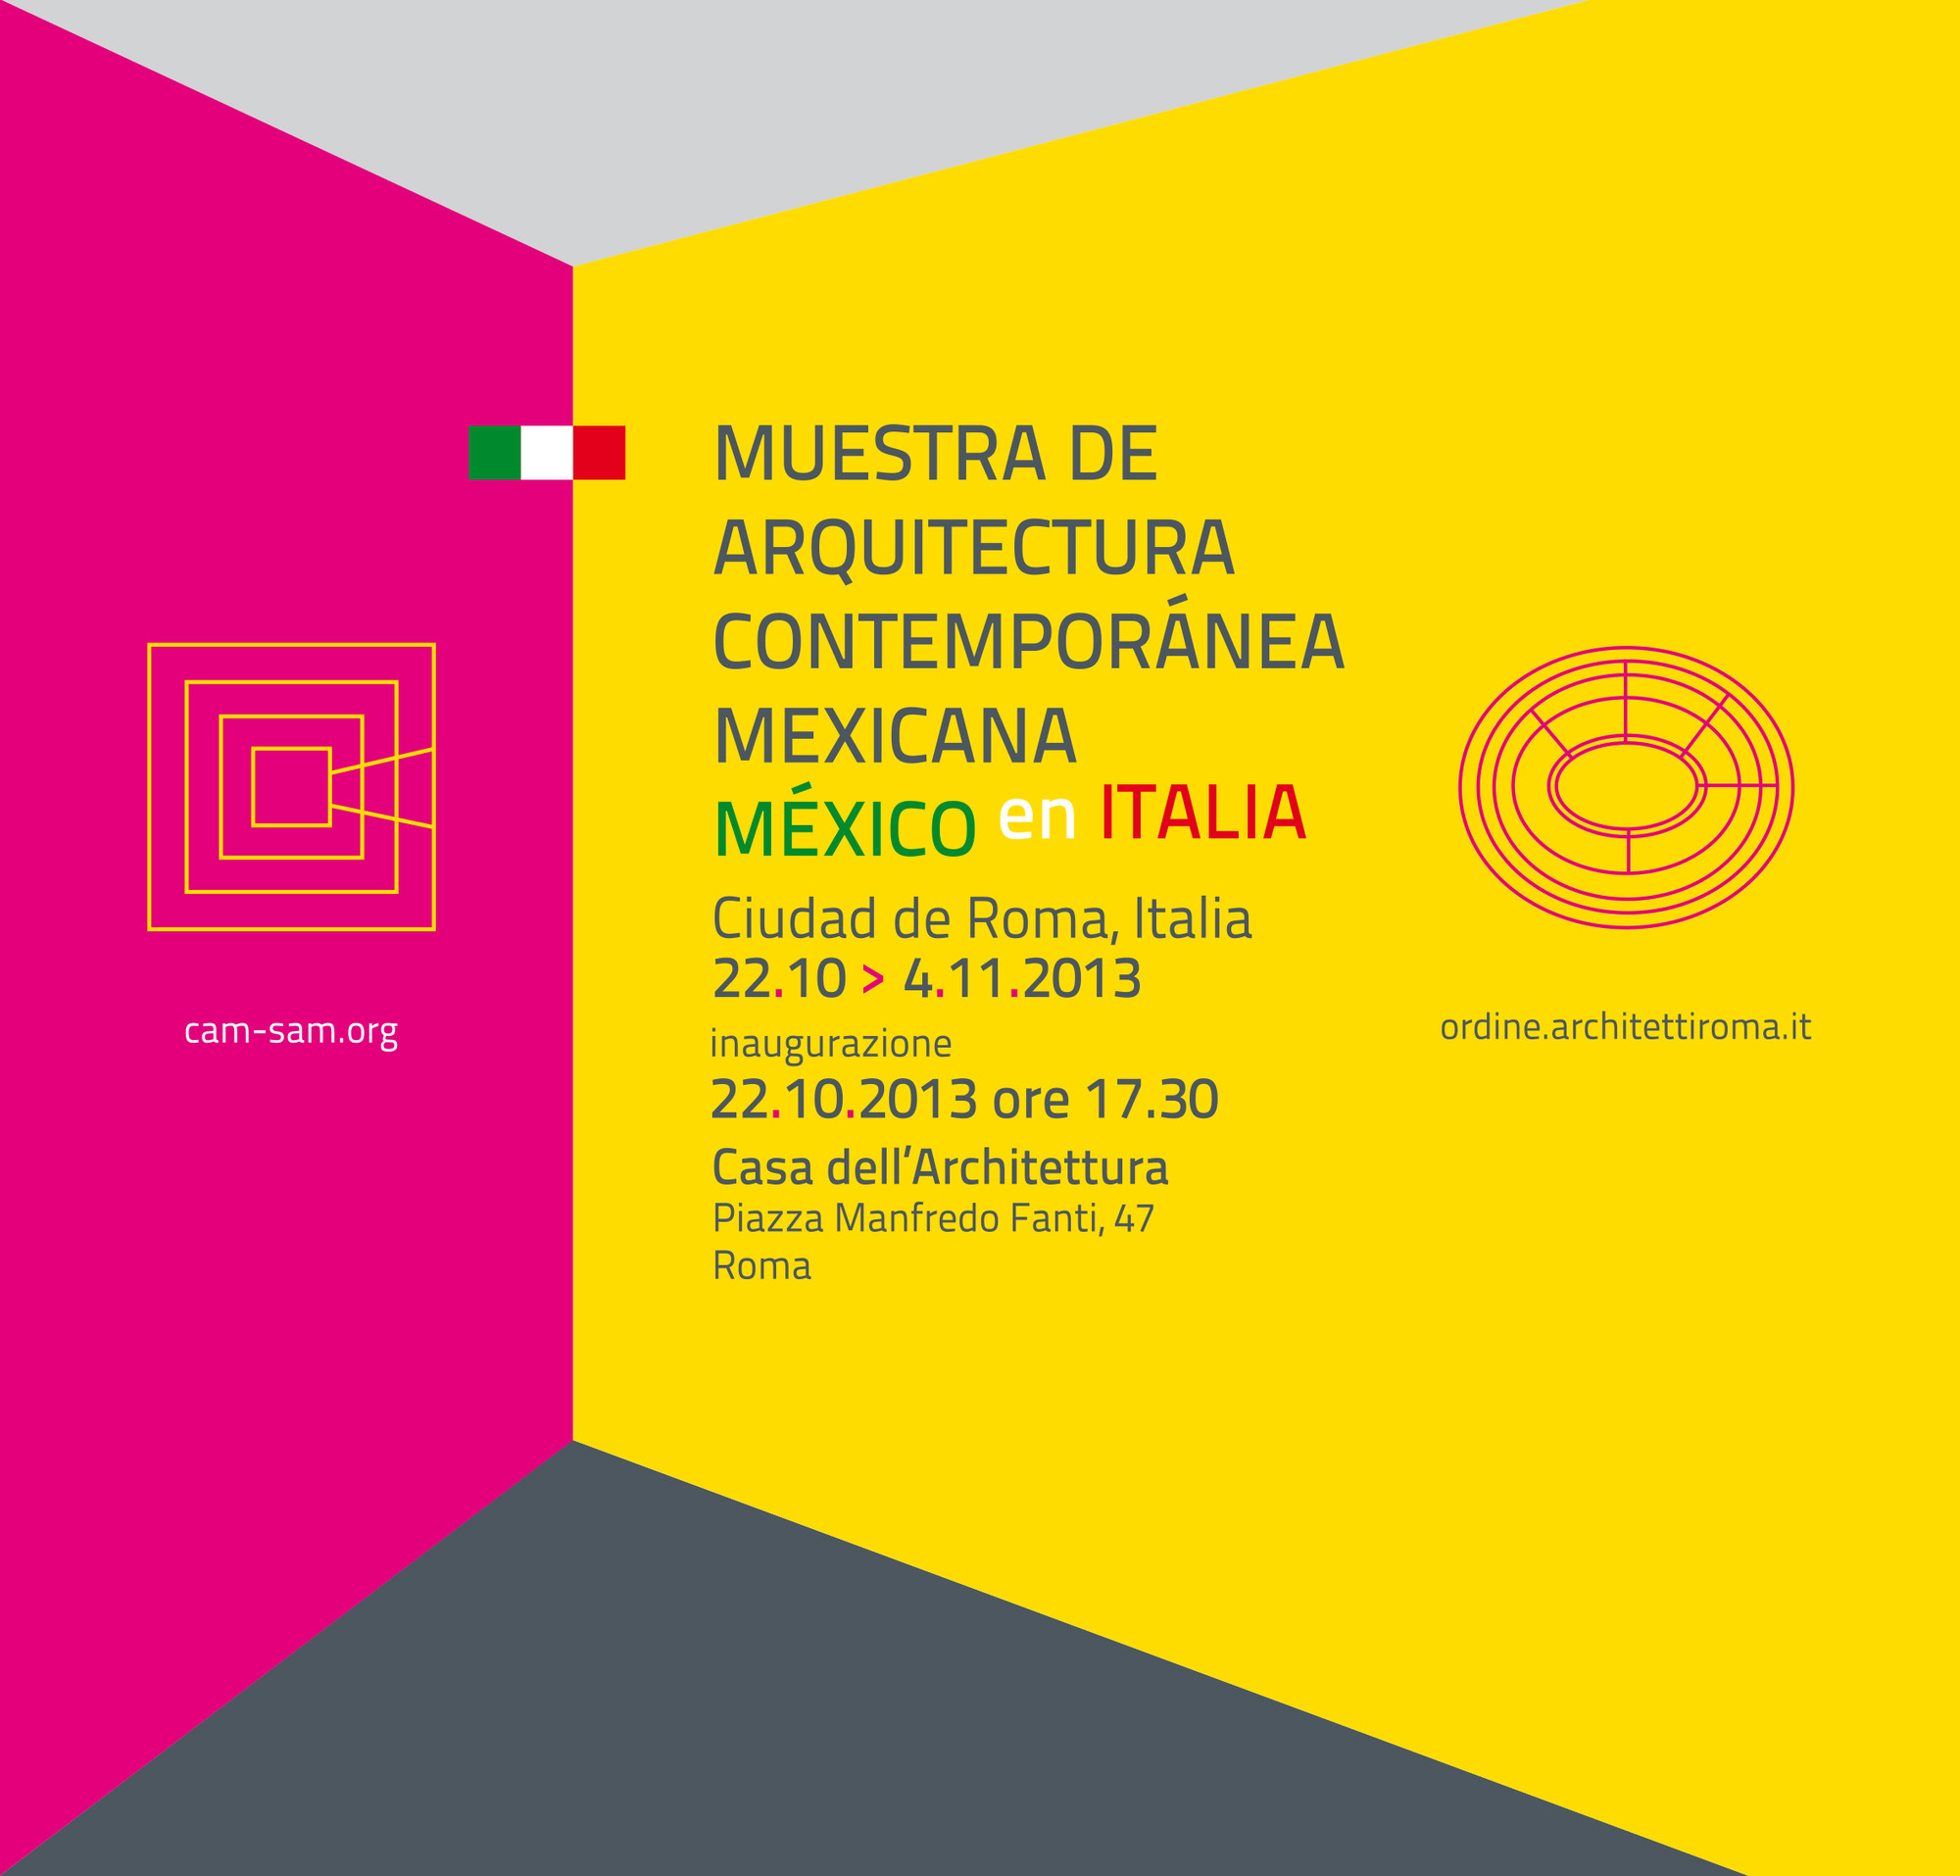 Hoy se inaugura la Muestra de Arquitectura Contemporánea Mexicana en Italia